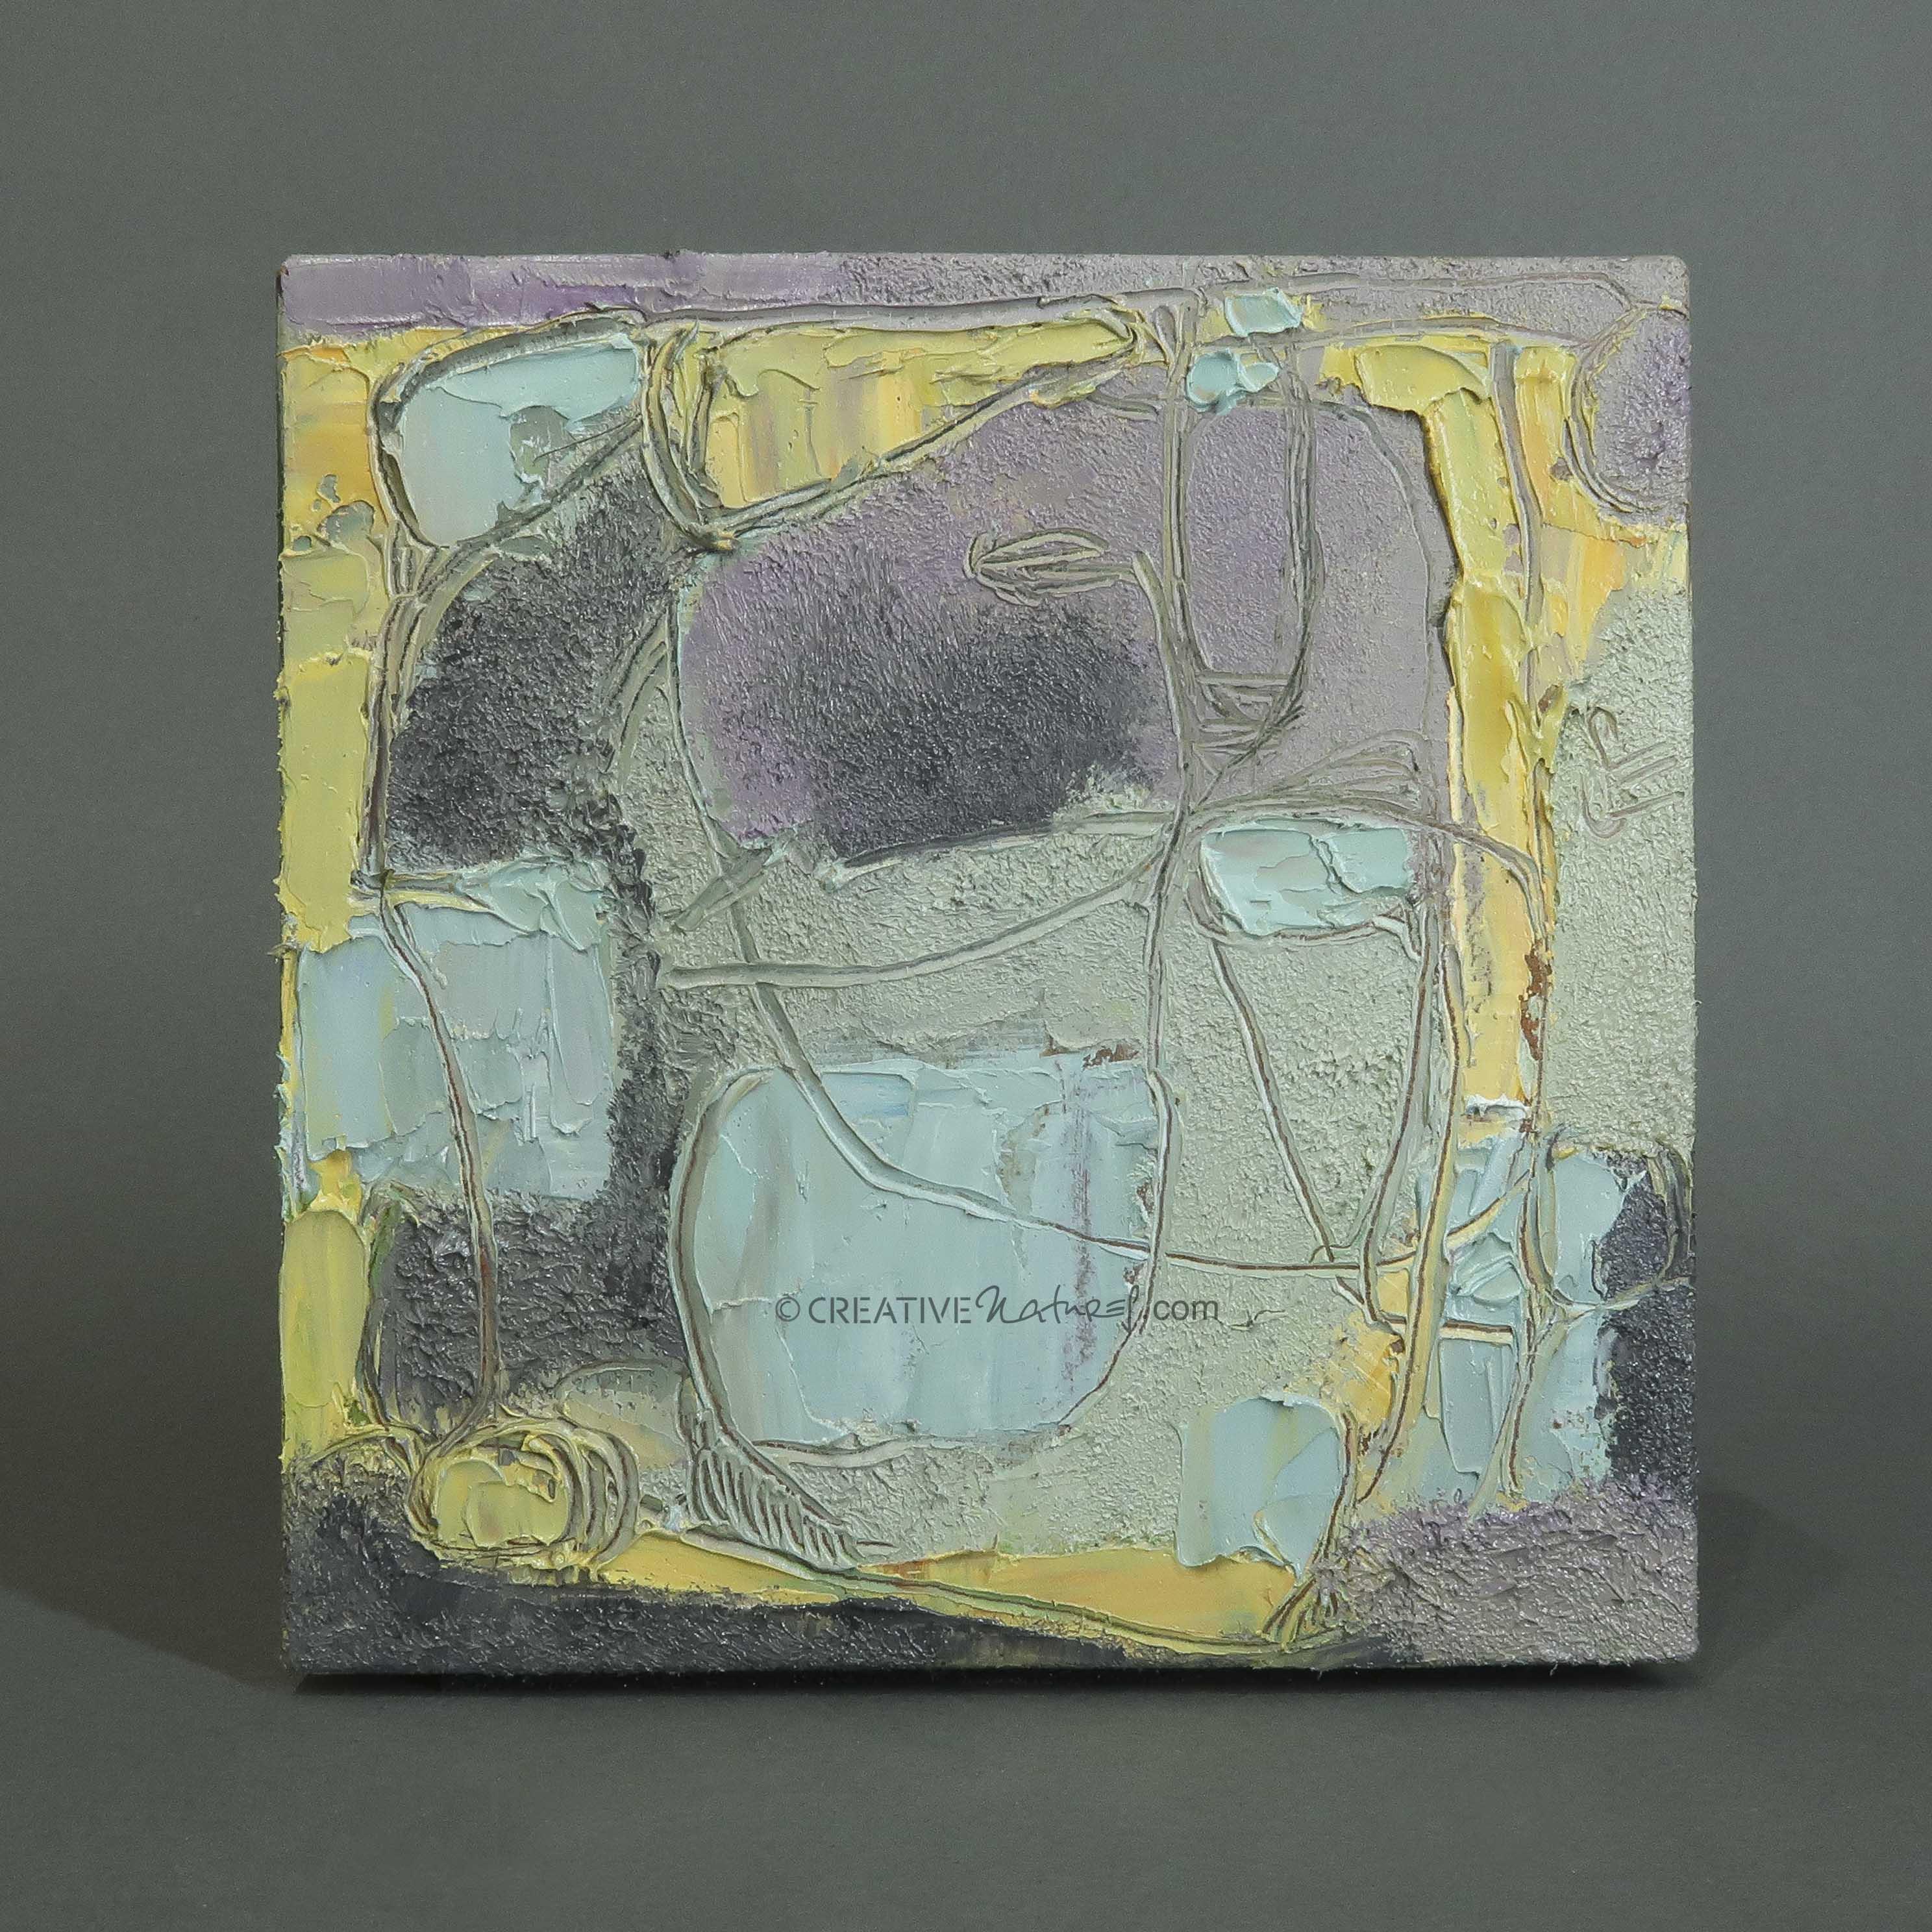 """Focusobjekt """"Gedankengarten"""" Original Ölmalerei beidseitig bemalt, 10 x 10 x 3 cm, auf massivem Buchenholz, freistehend"""